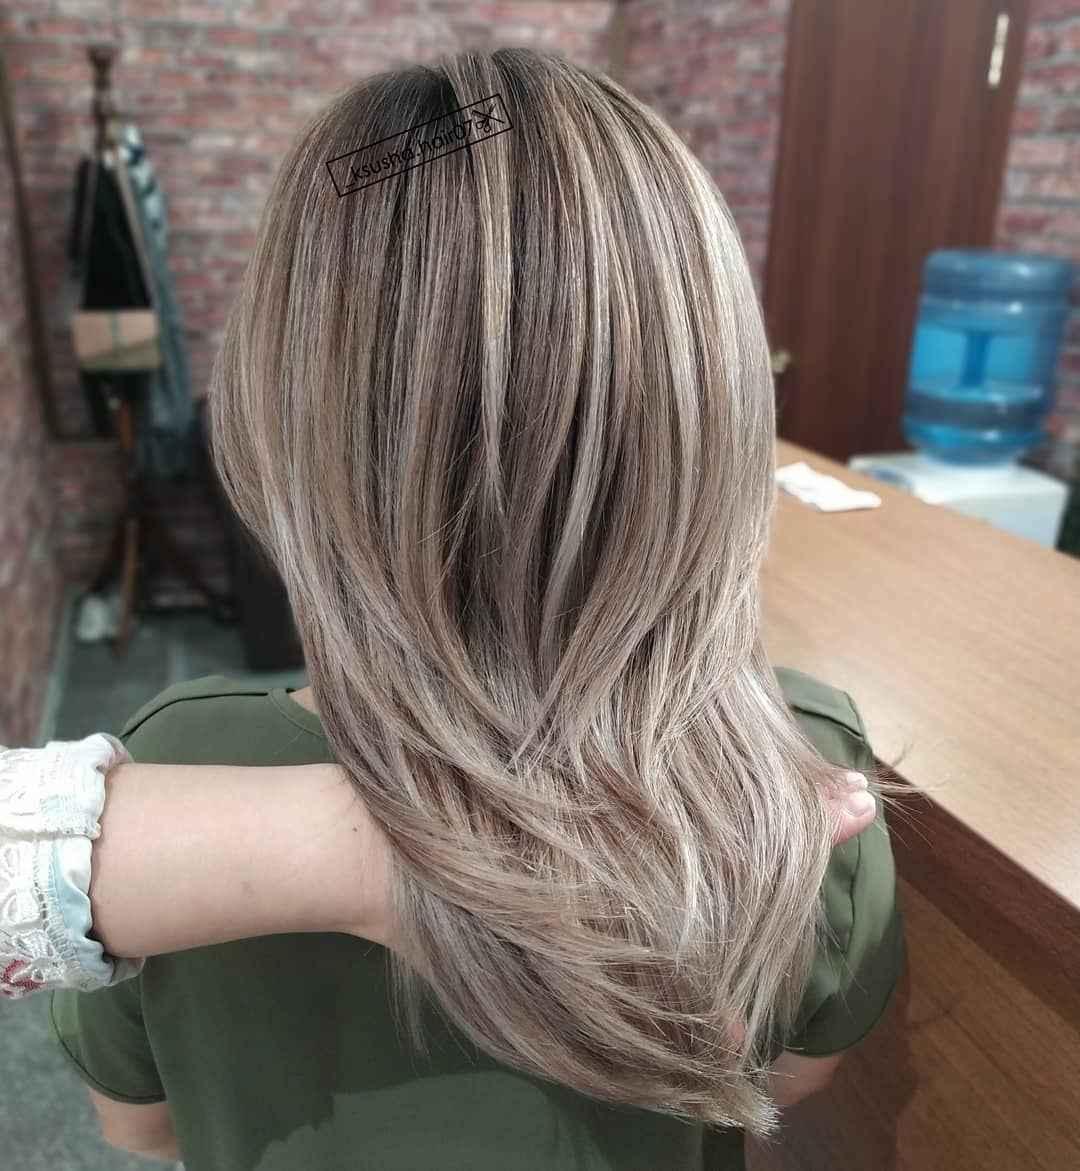 Рапсодия на средние волосы для женщины 50 лет фото